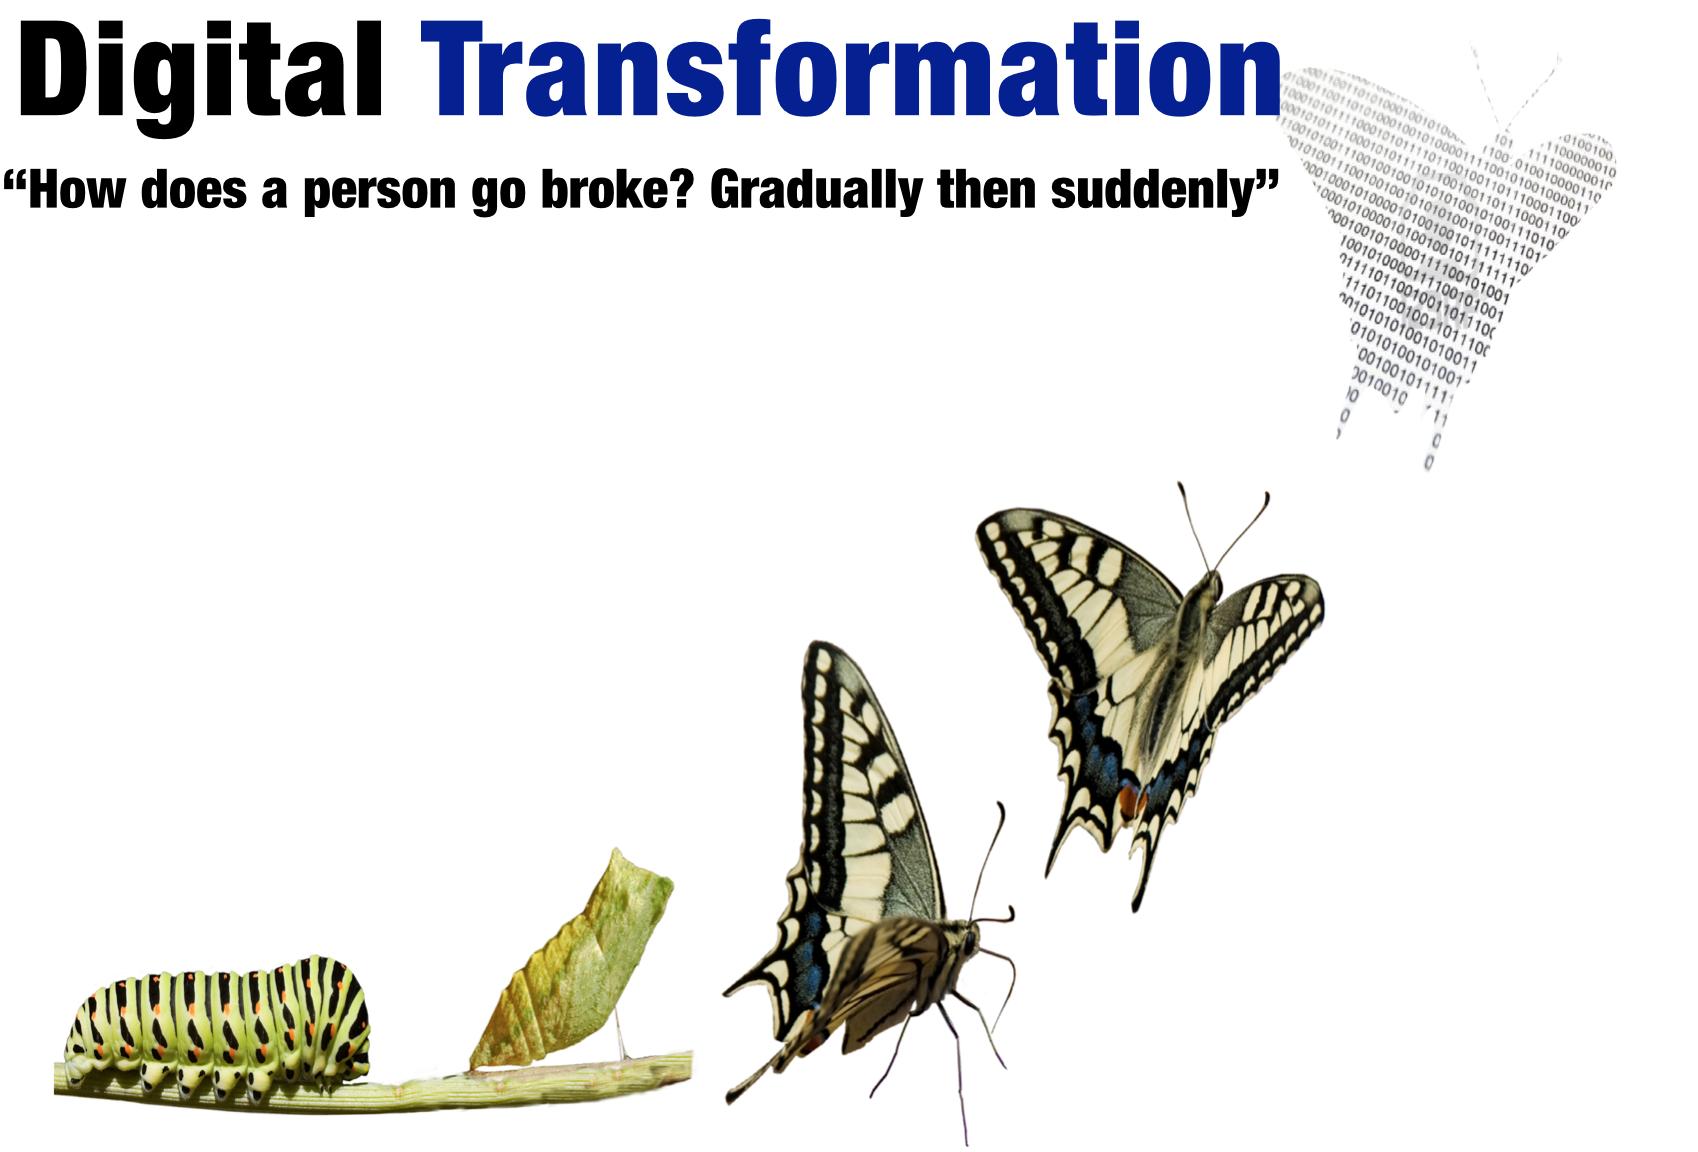 digital transformation gradudally suddenly